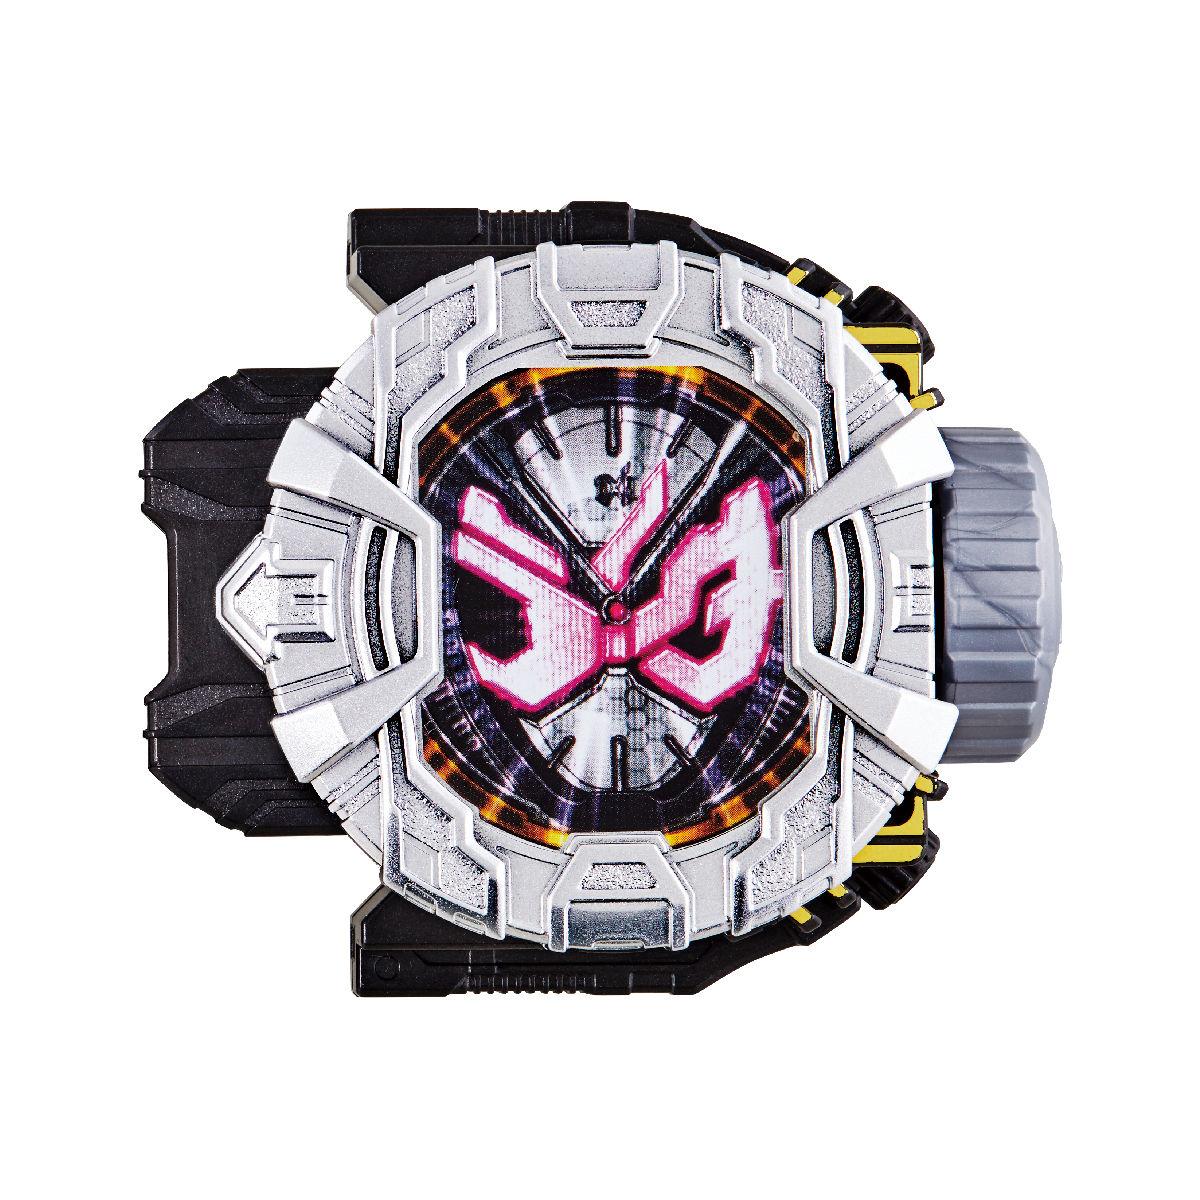 ライドウォッチ『DXジオウライドウォッチII』仮面ライダージオウ 変身なりきり-003